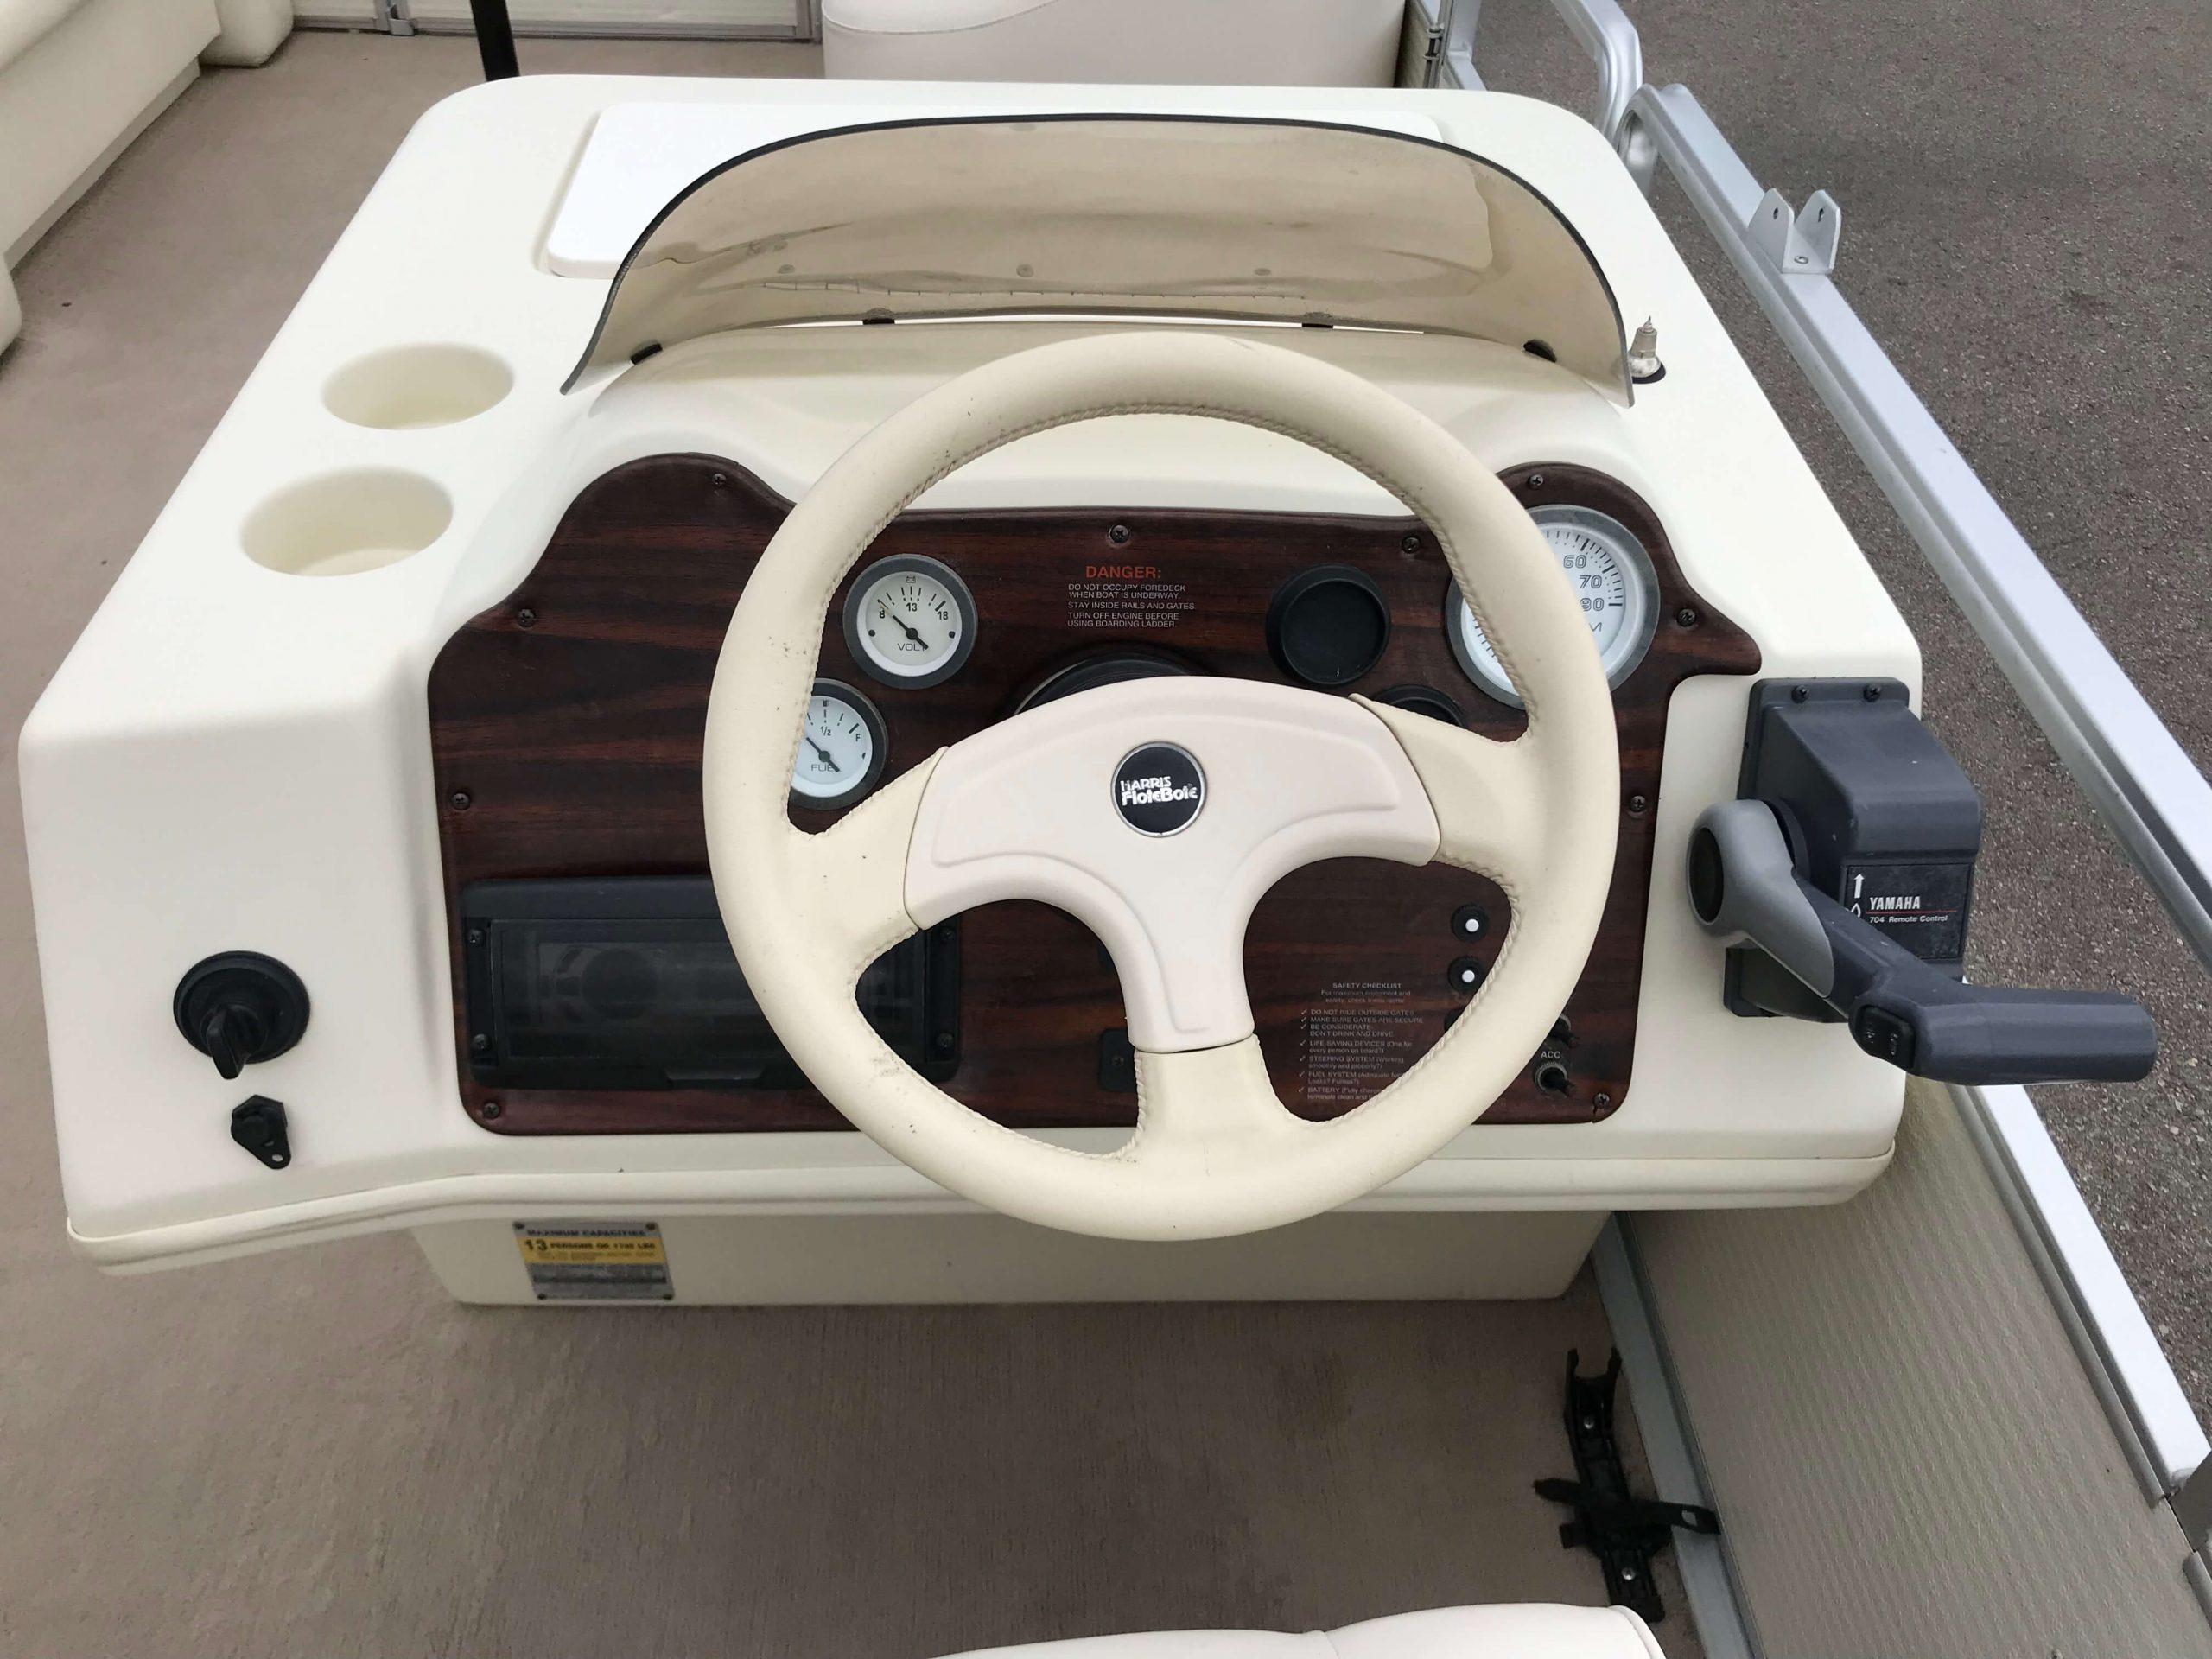 1998 Harris Kayot Skipper XL Pontoon Boat 10